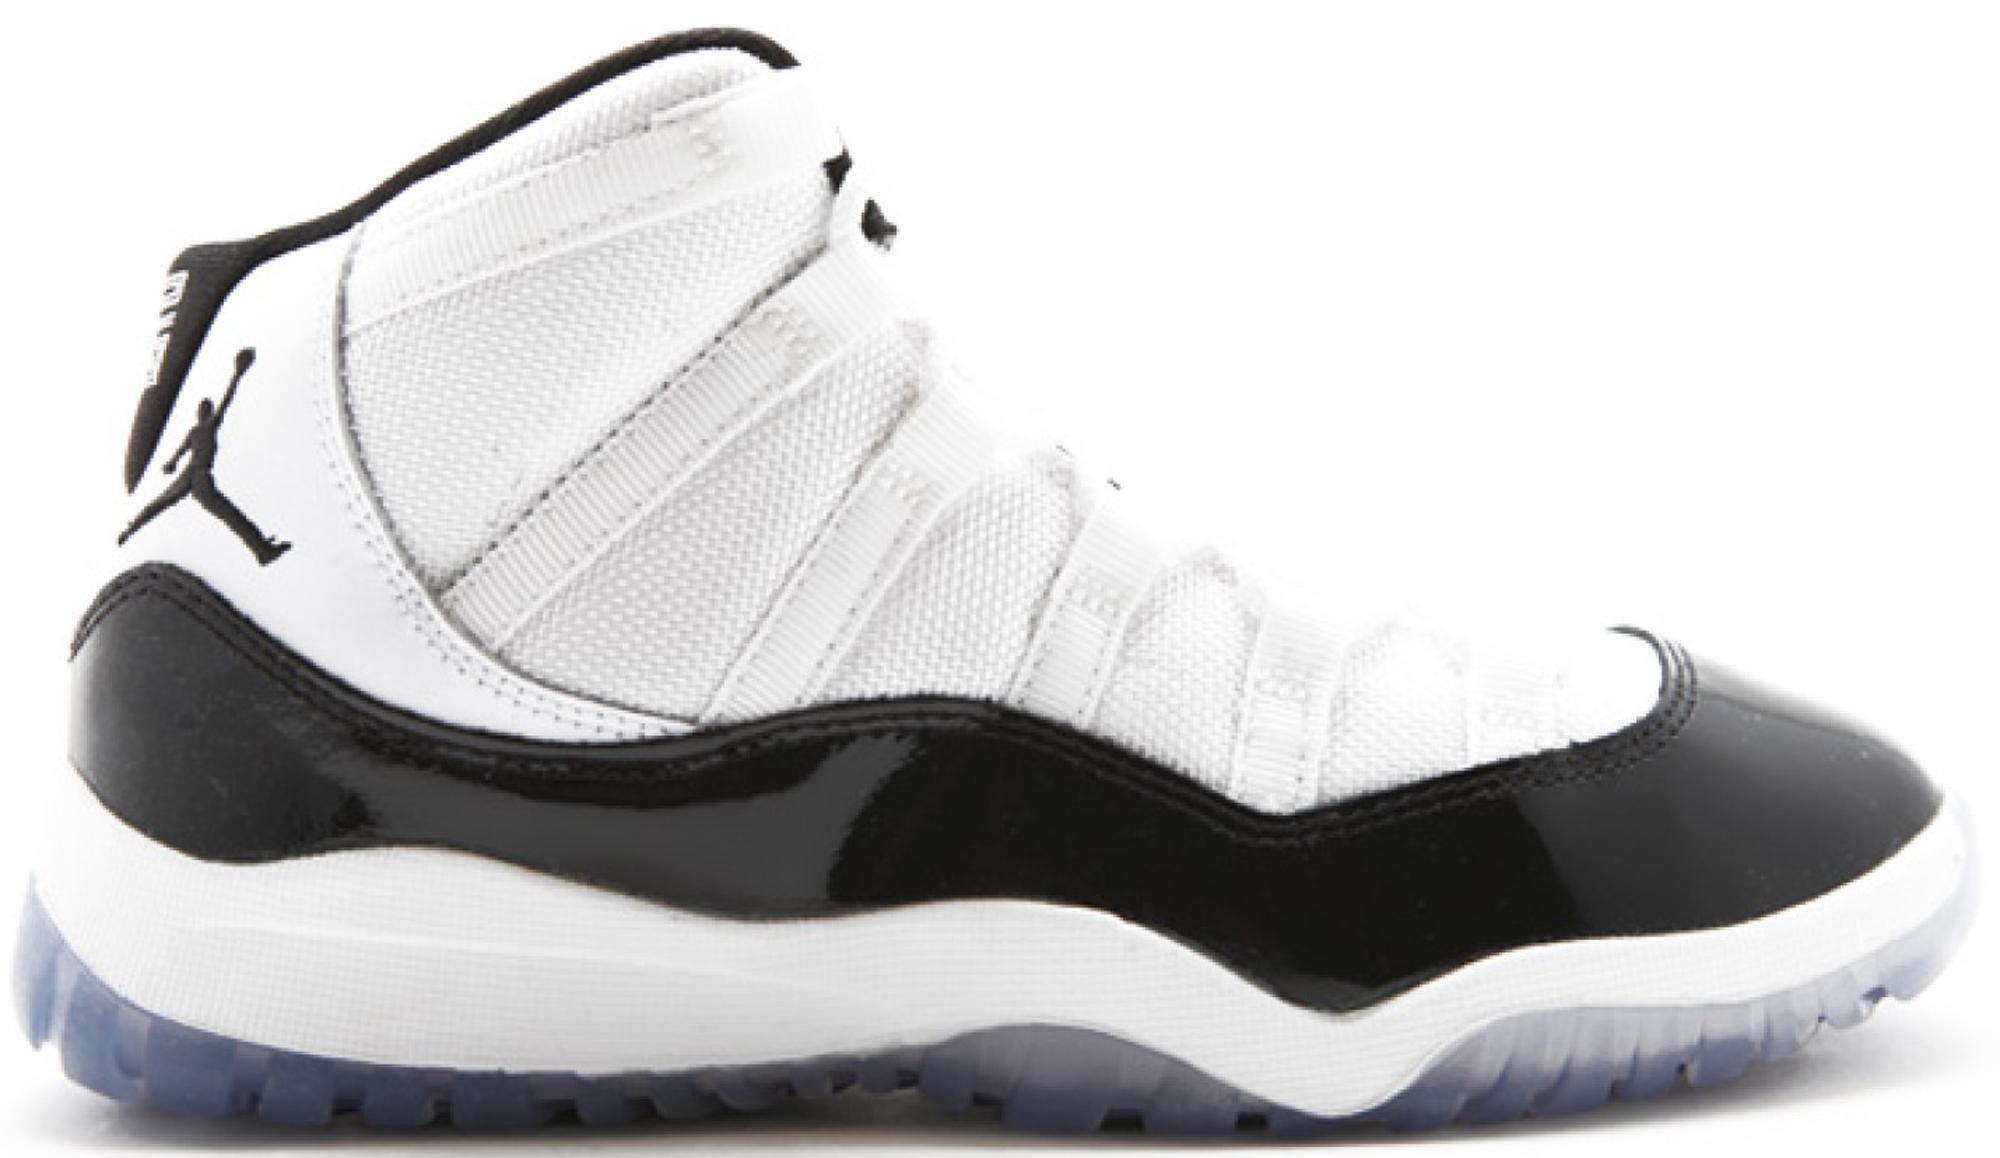 e58d1d875c4a74 Lyst - Nike 11 Retro Concord 2011 (ps) in White for Men